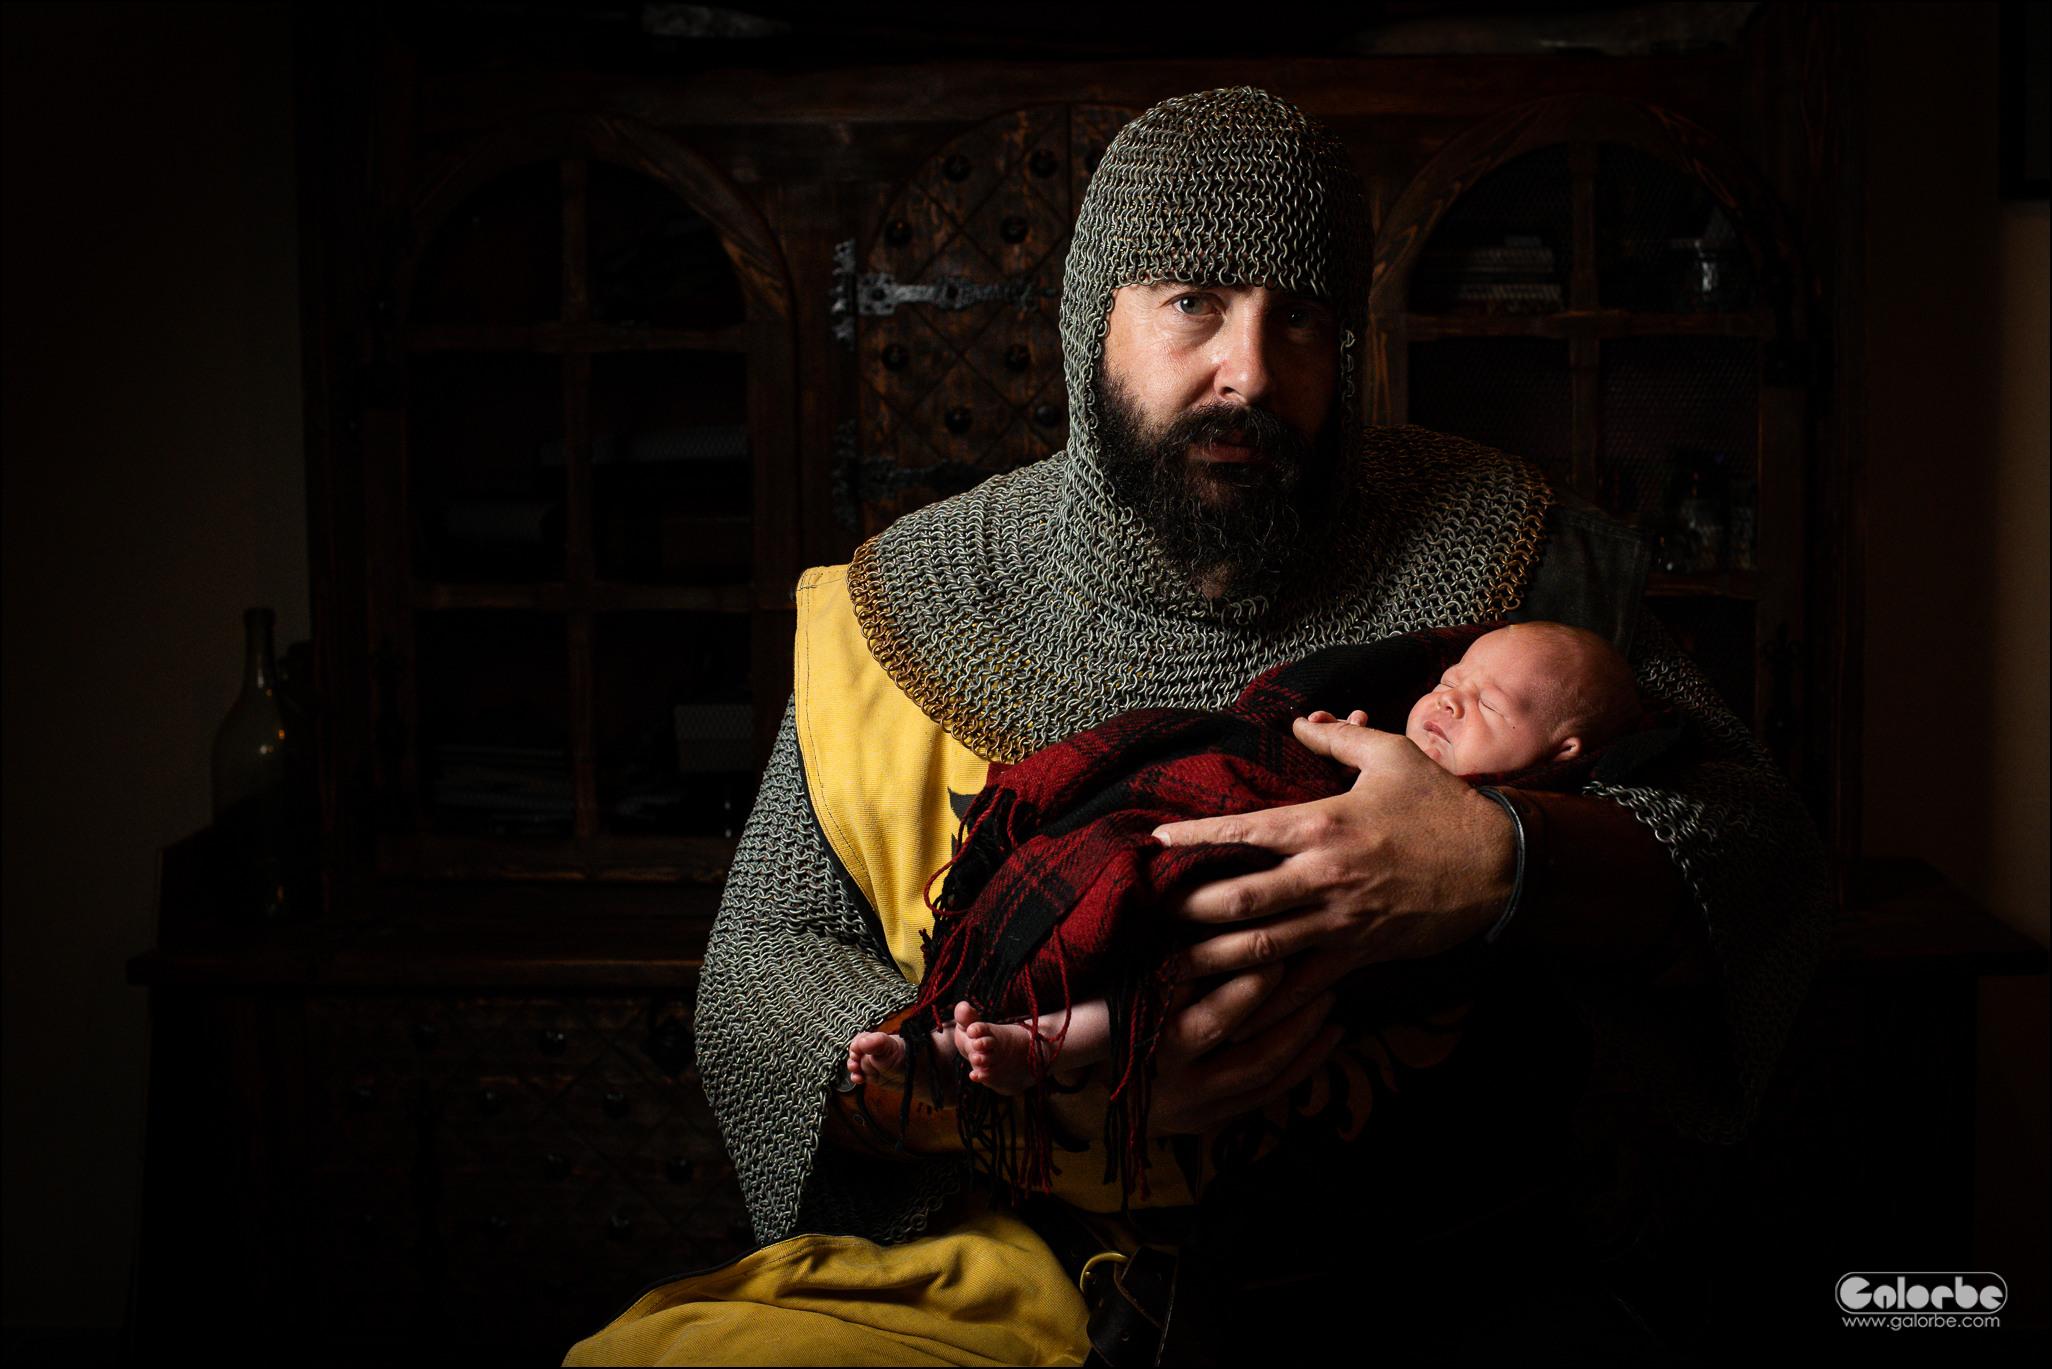 Mon papa est un chevalier